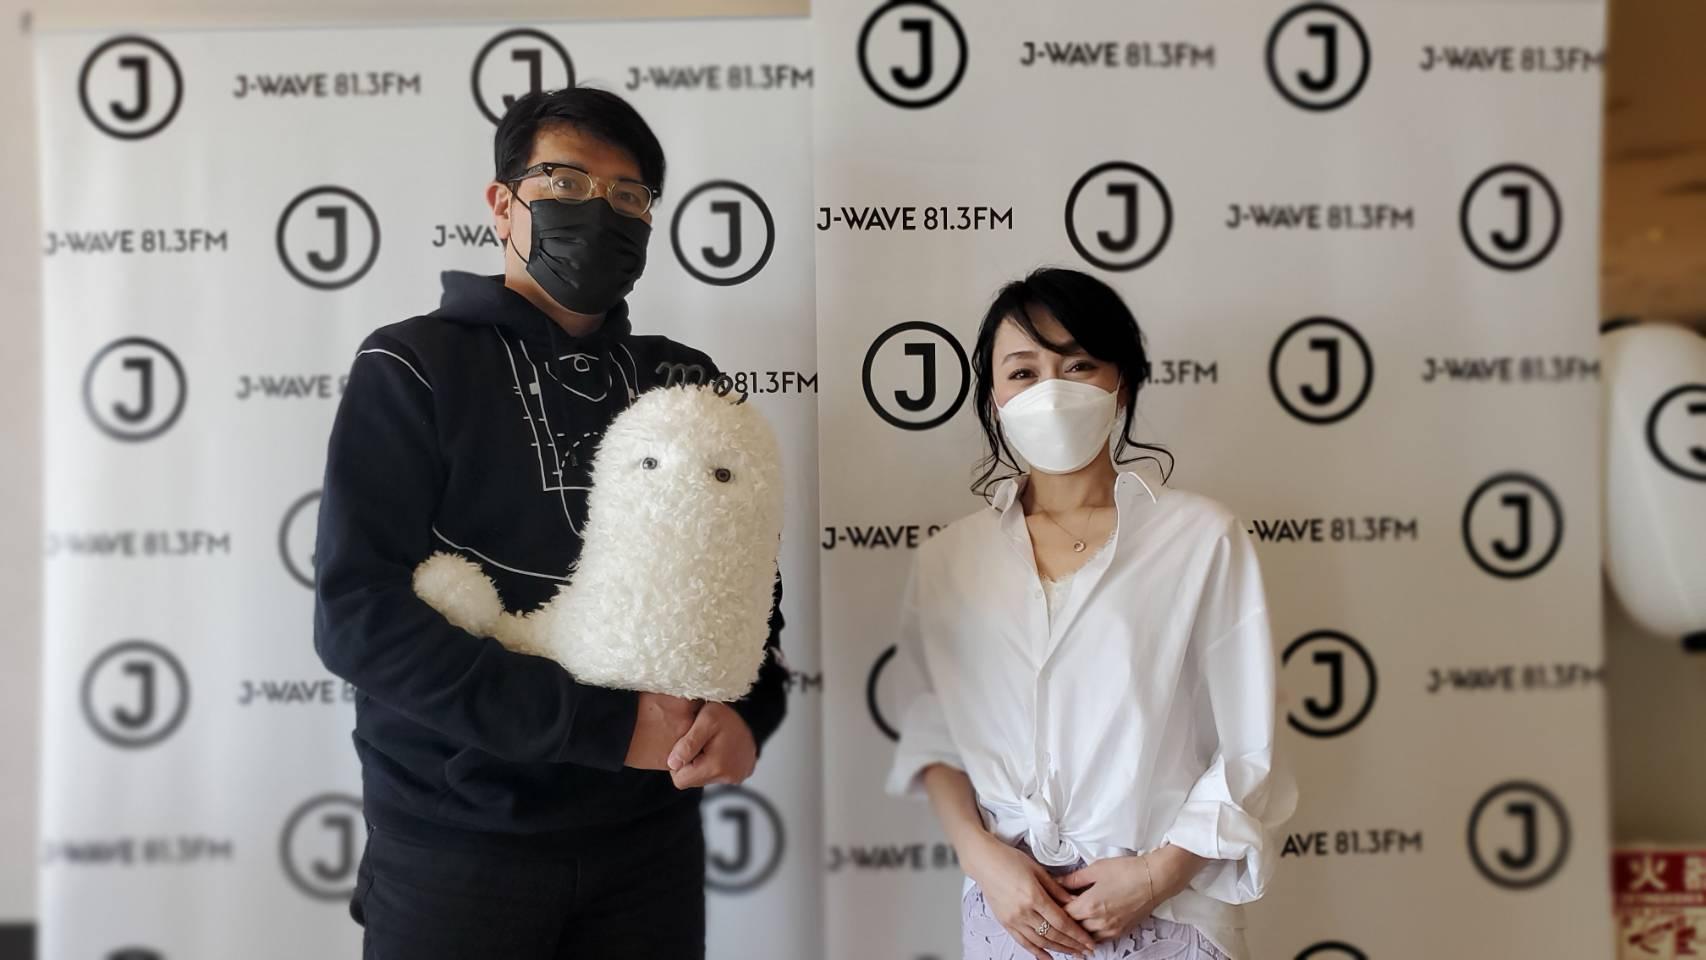 J-WAVE Tokyo Morning Radio 別所哲也さん・小幡星子